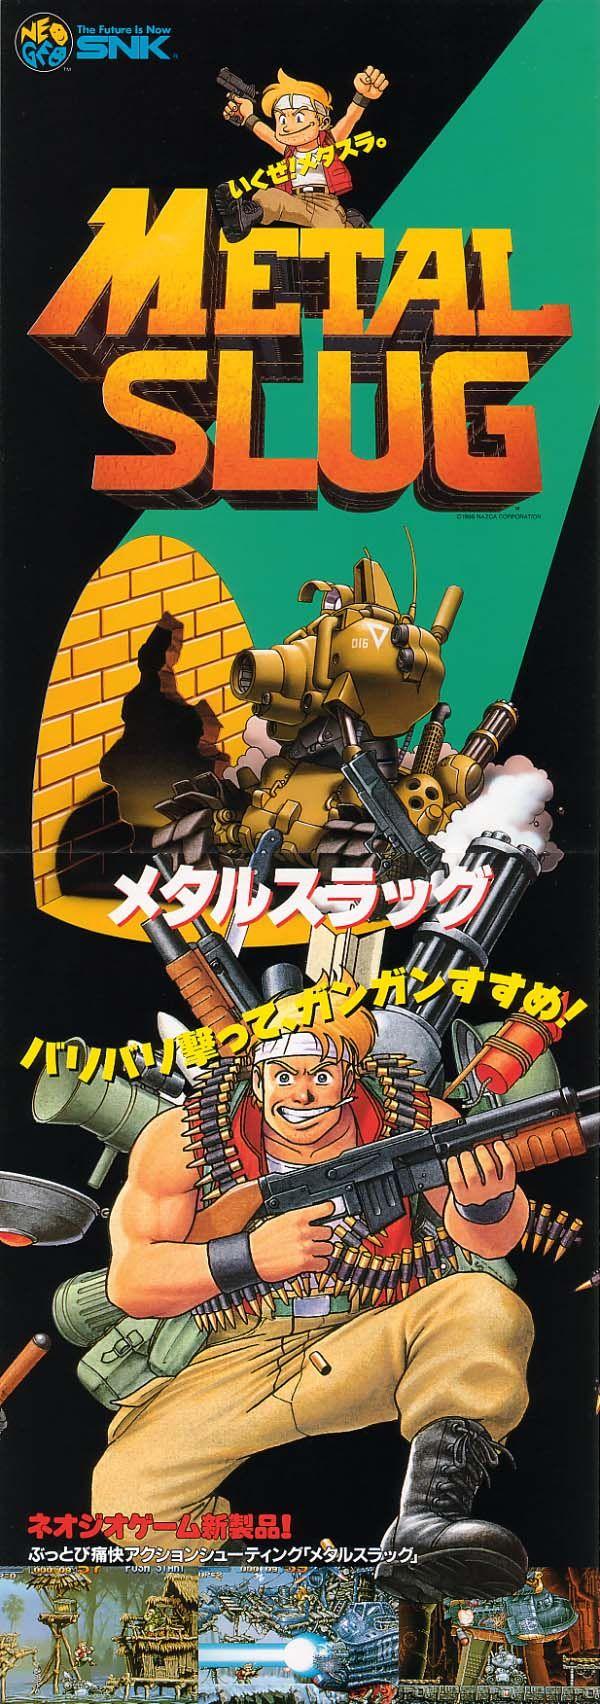 Metal Slug (1996)   arcade cabinet poster retro games ...